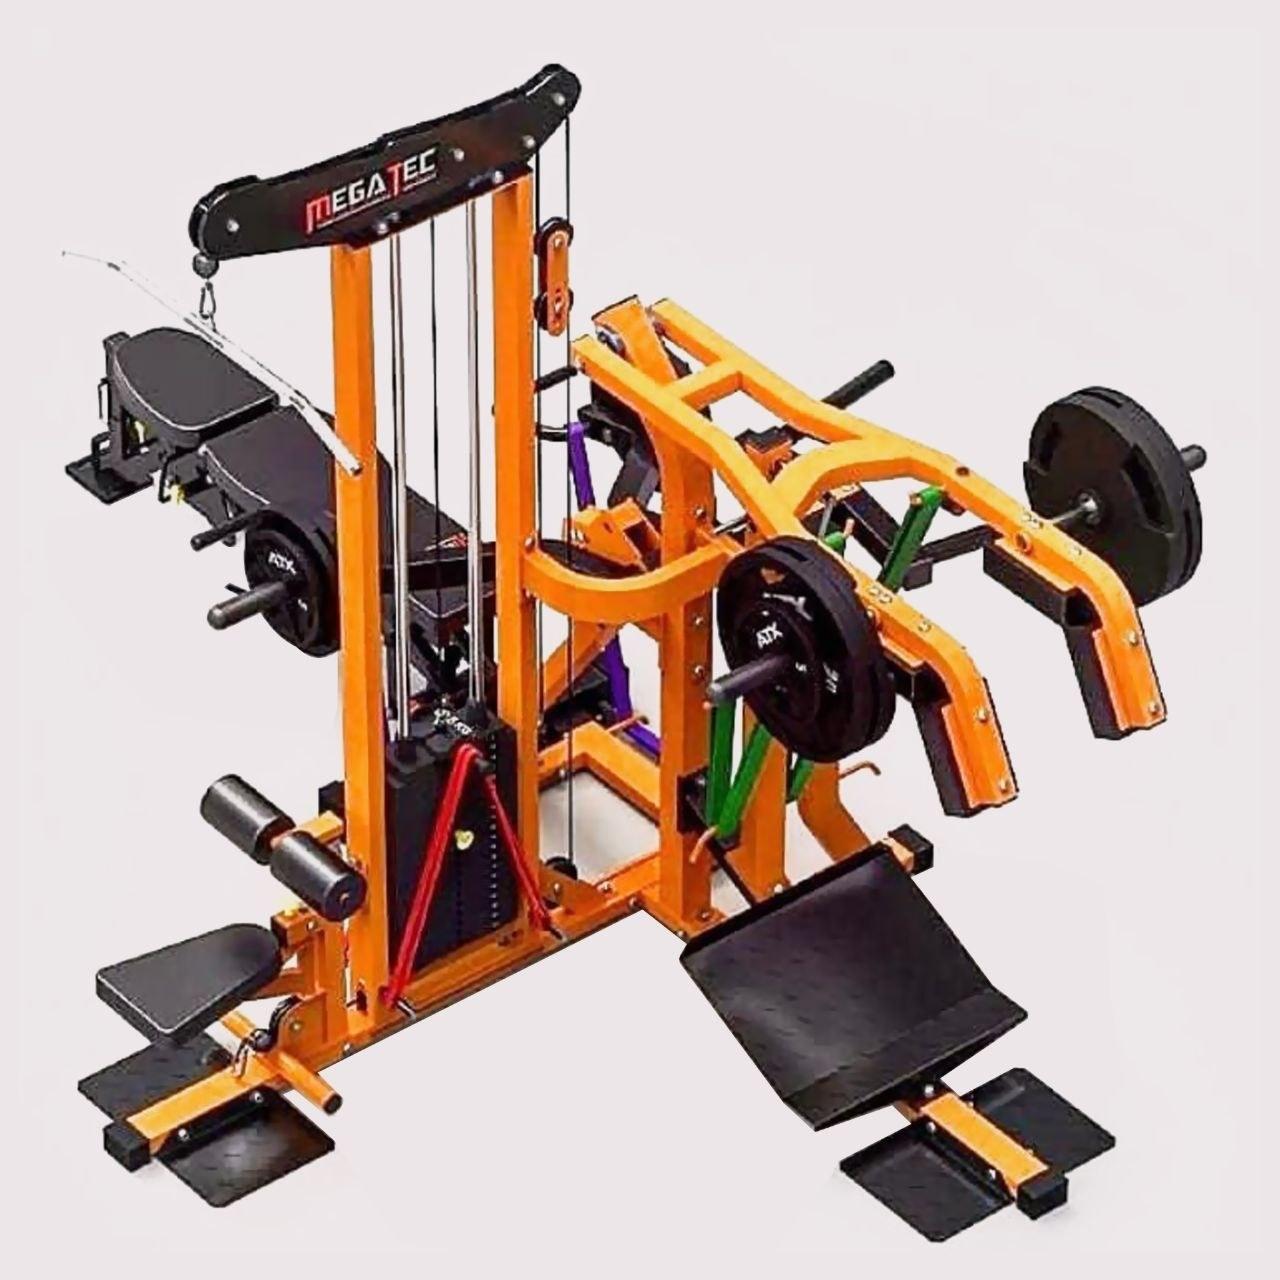 دستگاه بدنسازی چندکاره MEGA TEC